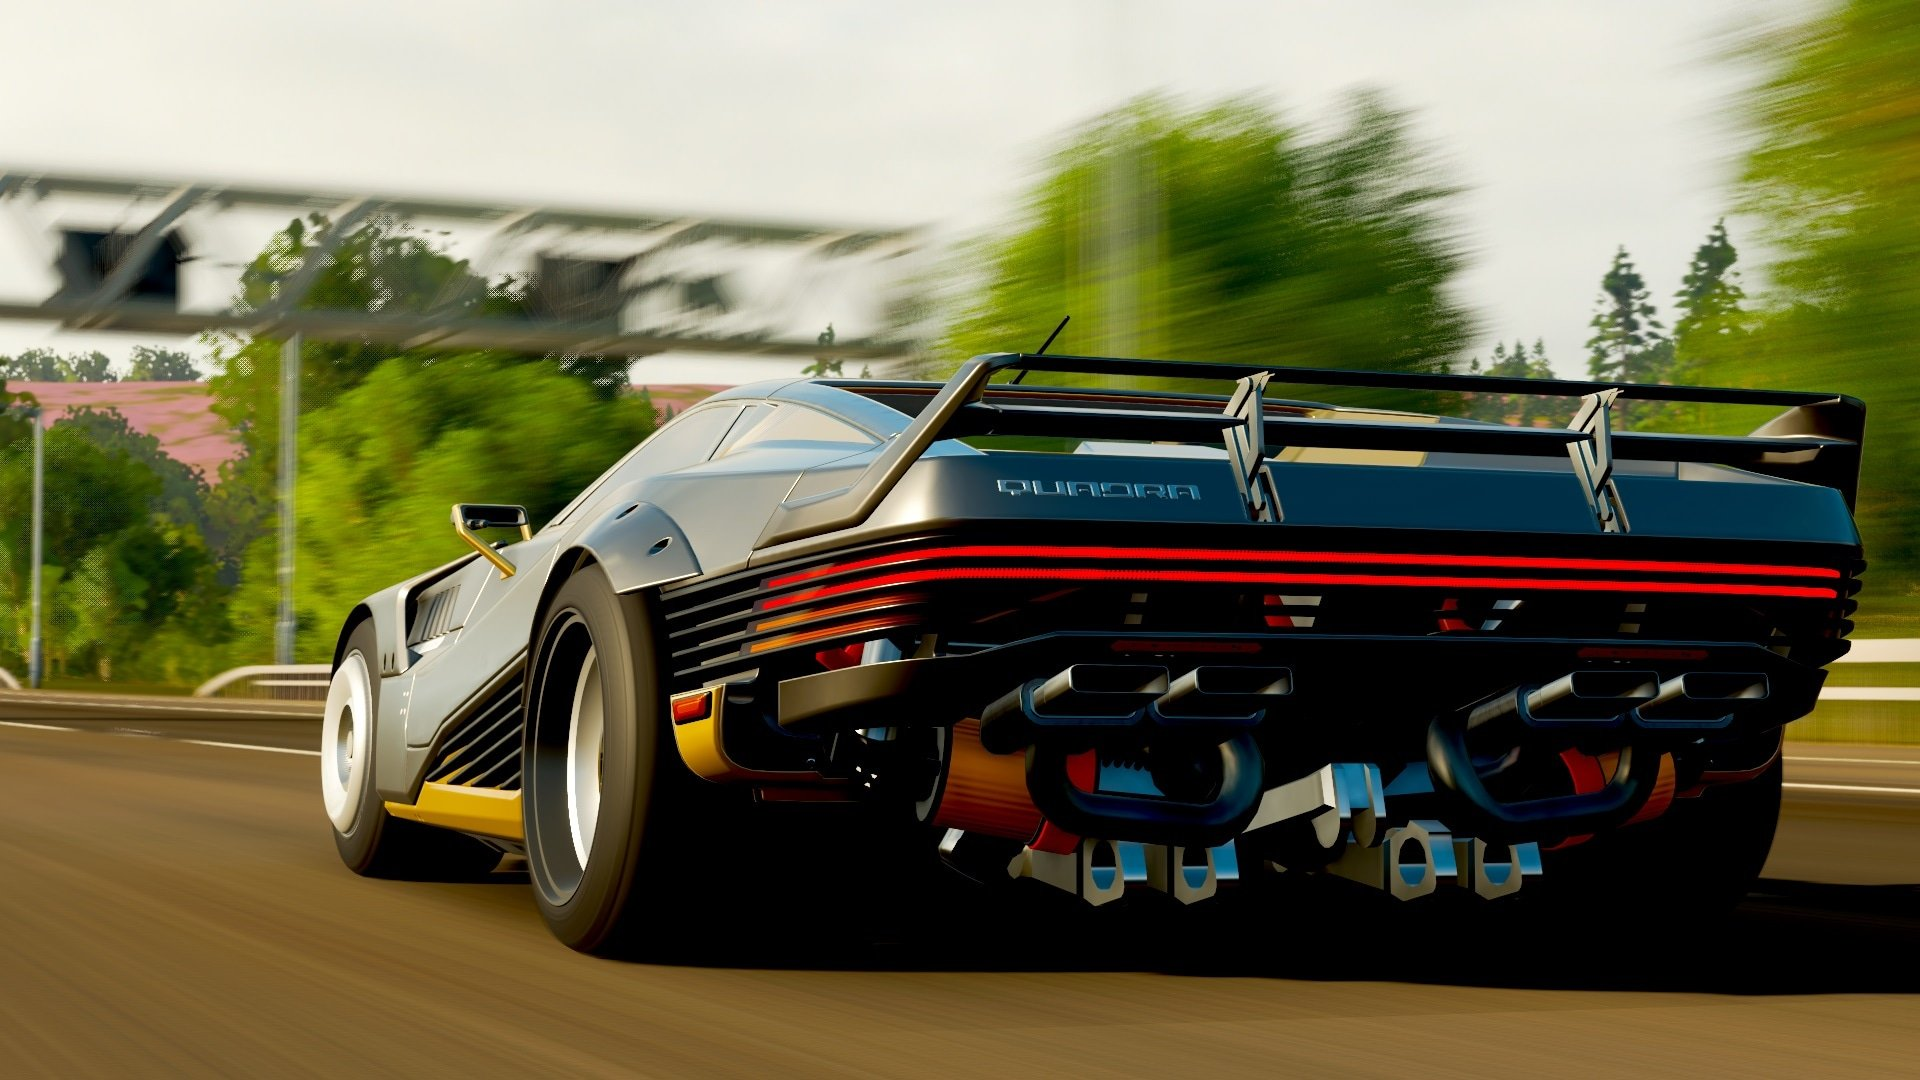 Te explicamos cómo conseguir el coche de Cyberpunk 2077 en Forza Horizon 4